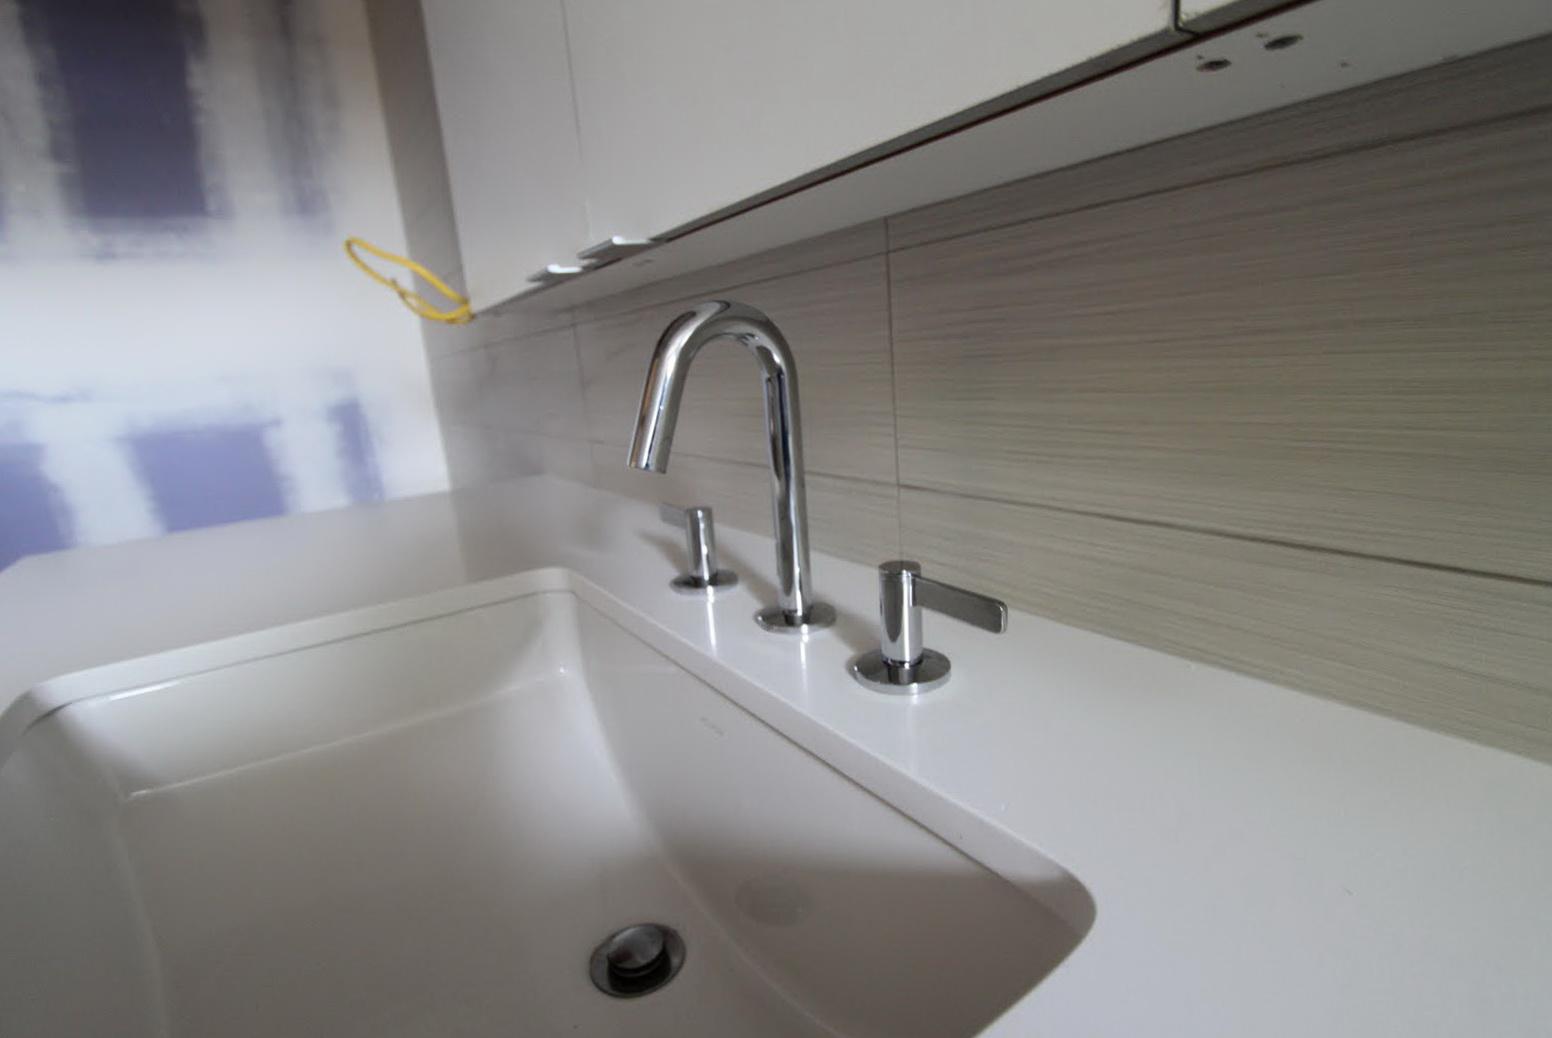 Kohler Bathroom Sinks Undermount